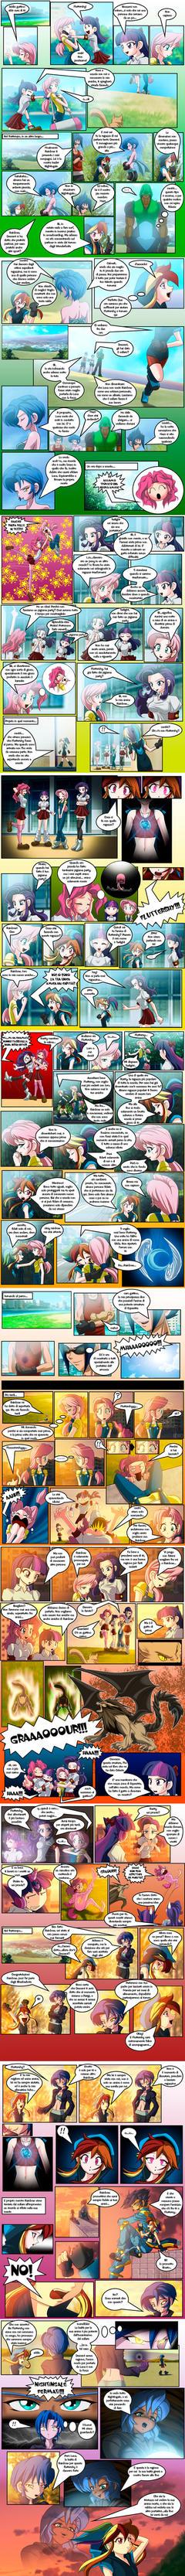 mlp human comic l'amicizia e' magica cap 3 parte 3 by Junnosuke-kazuki